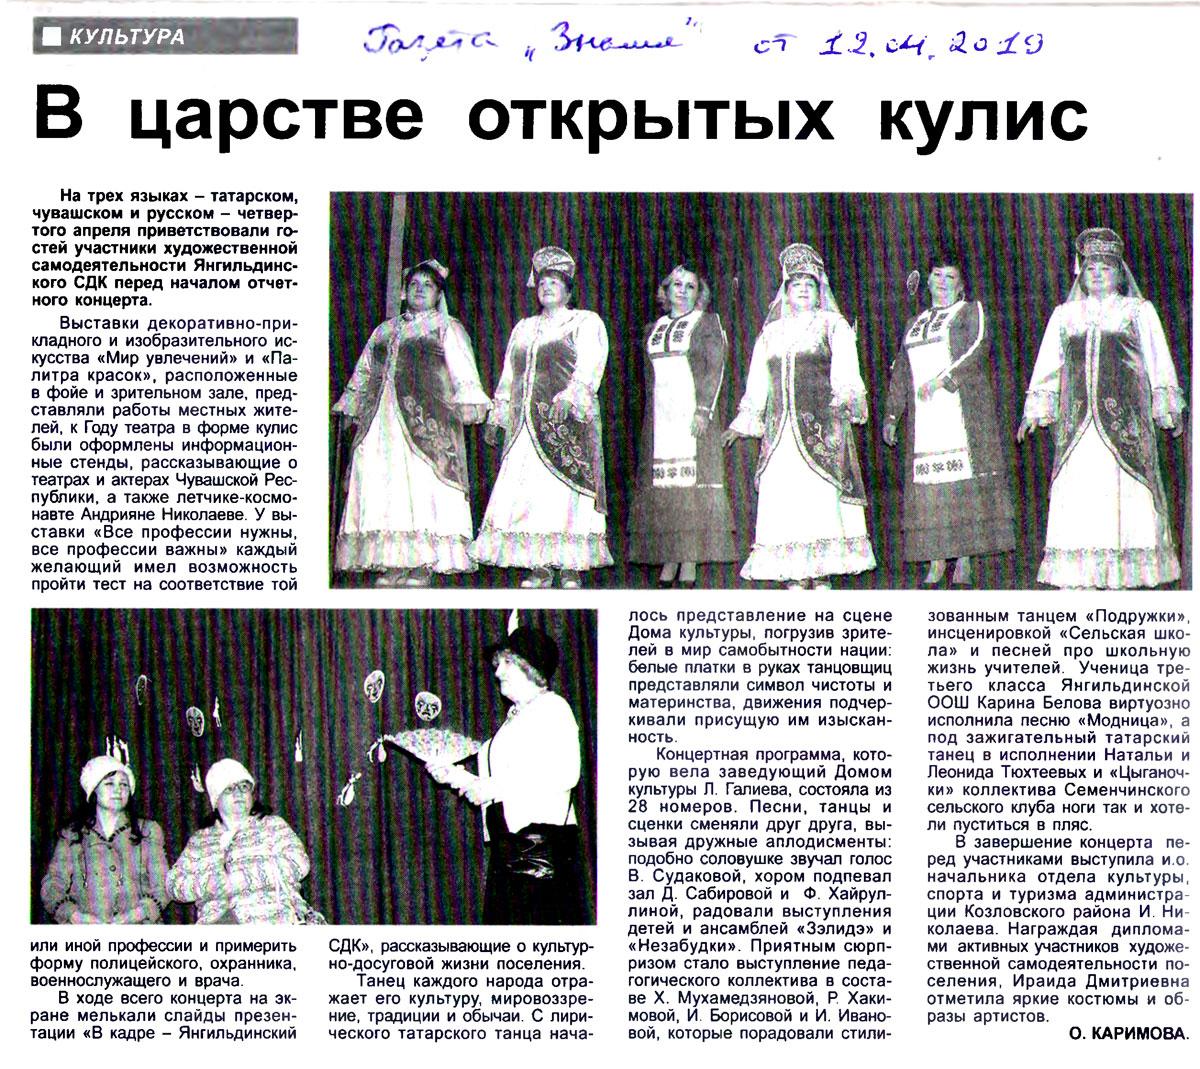 В царстве открытых кулис. Газета «Знамя» от 12 апреля 2019 года.